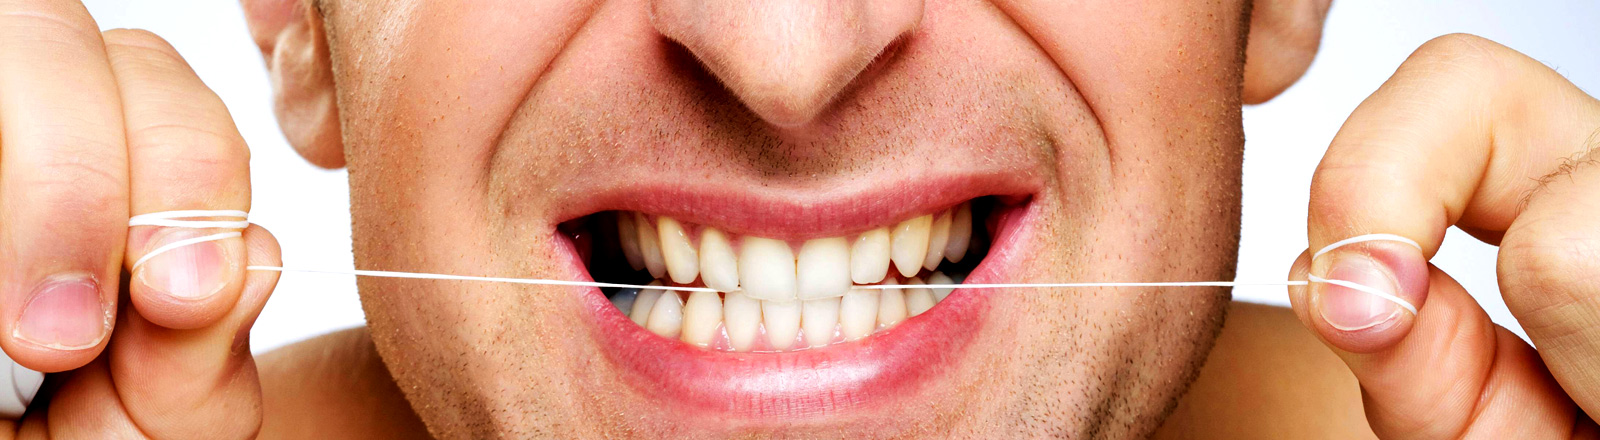 Ein Mann benutzt Zahnseide